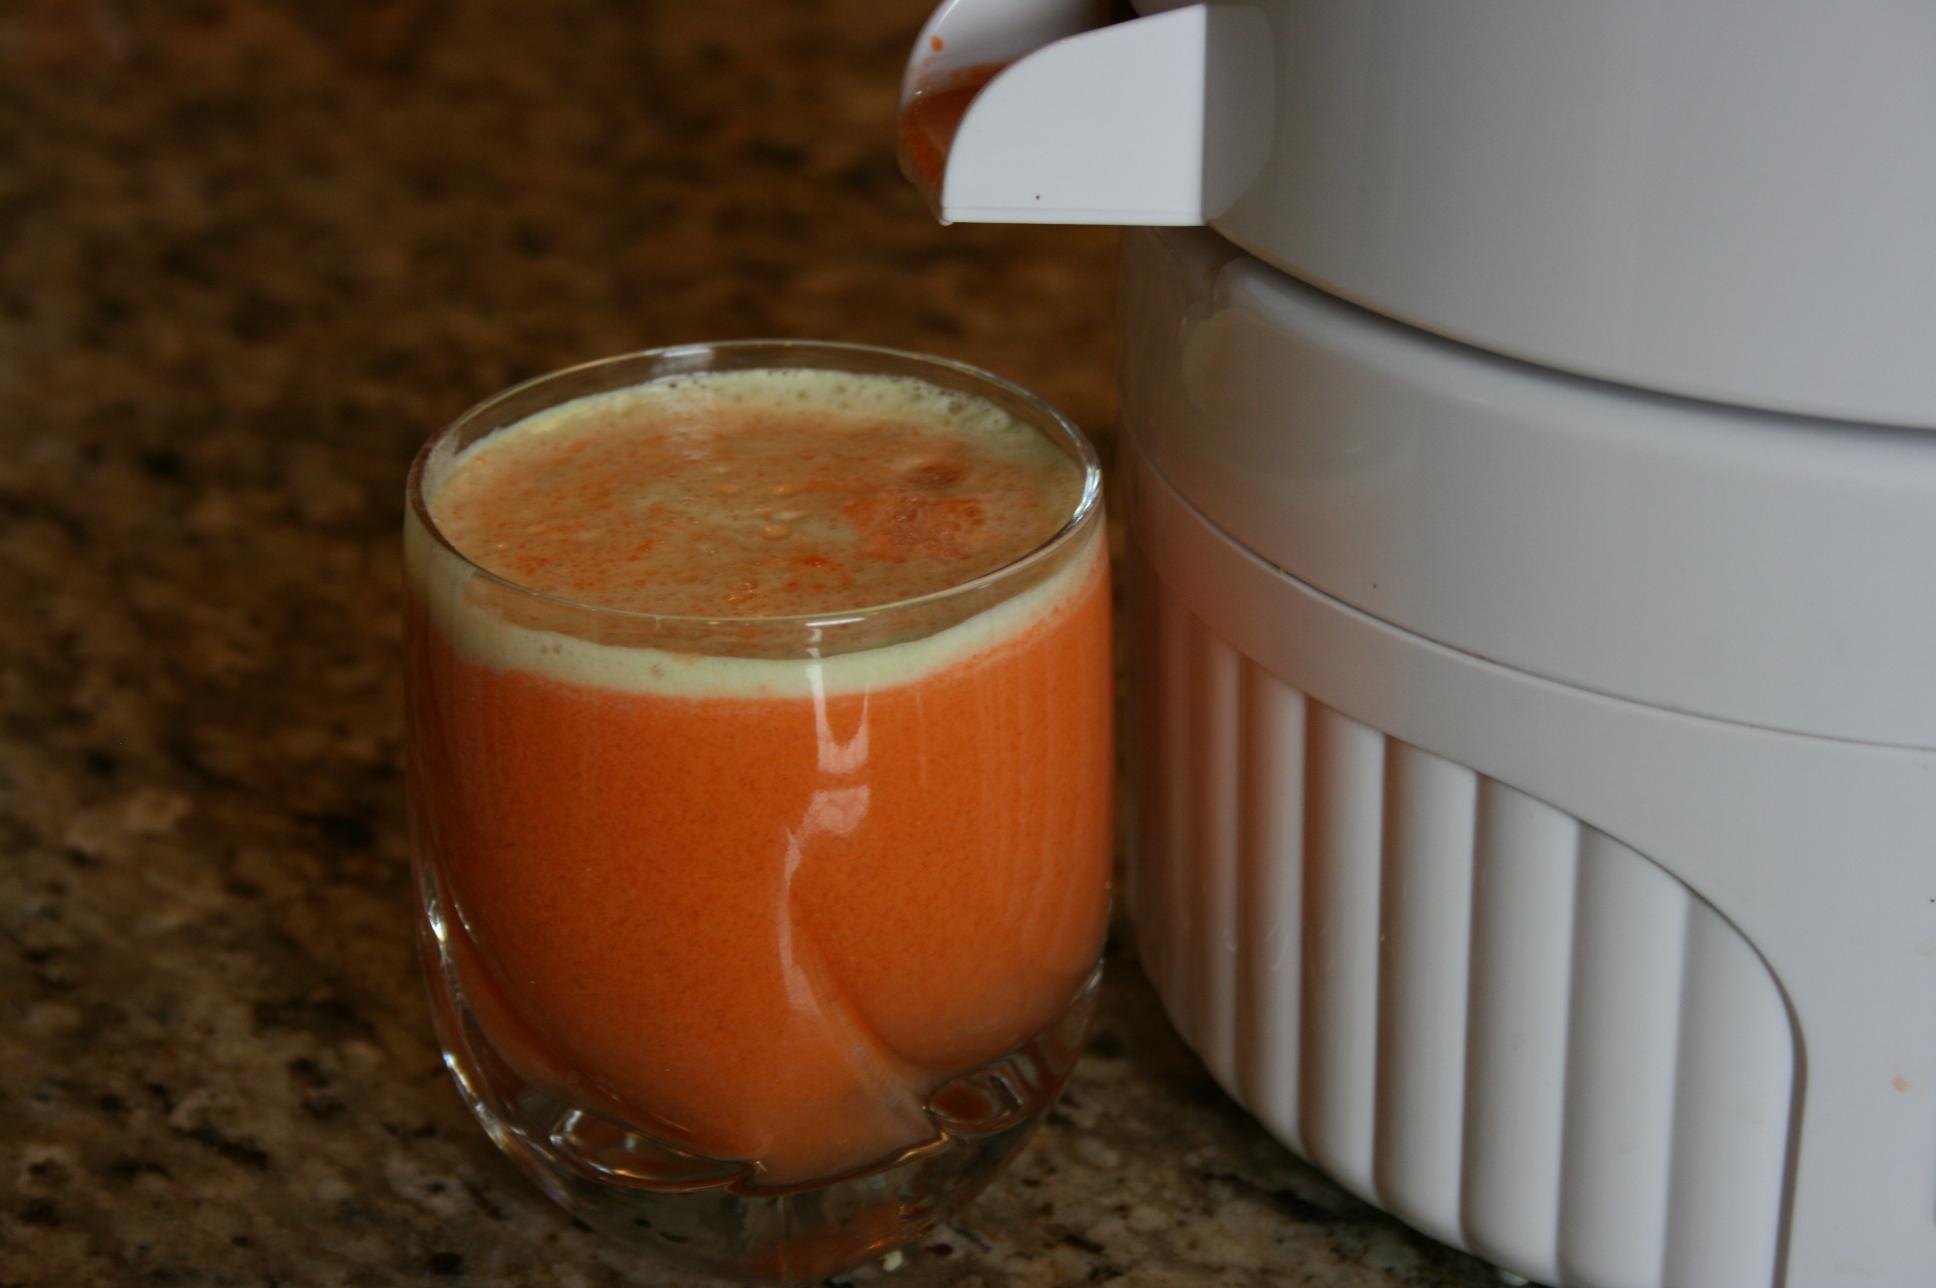 Carrot cake recipe apple juice